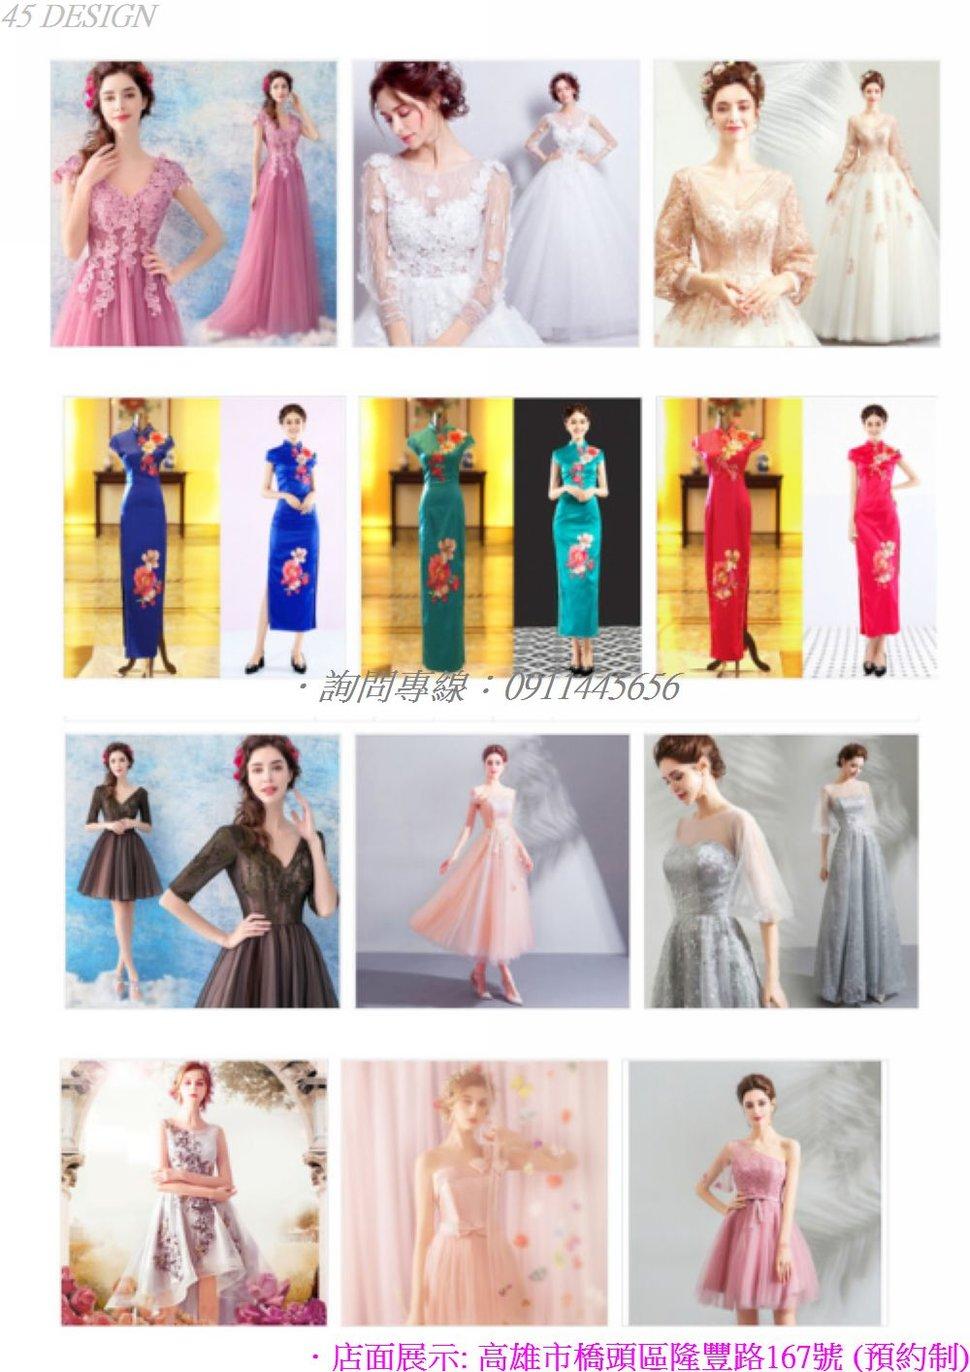 msl190815B26187B419534D5FAE8619CBF70C0B5E - 全台最便宜-45DESIGN四五婚紗禮服《結婚吧》